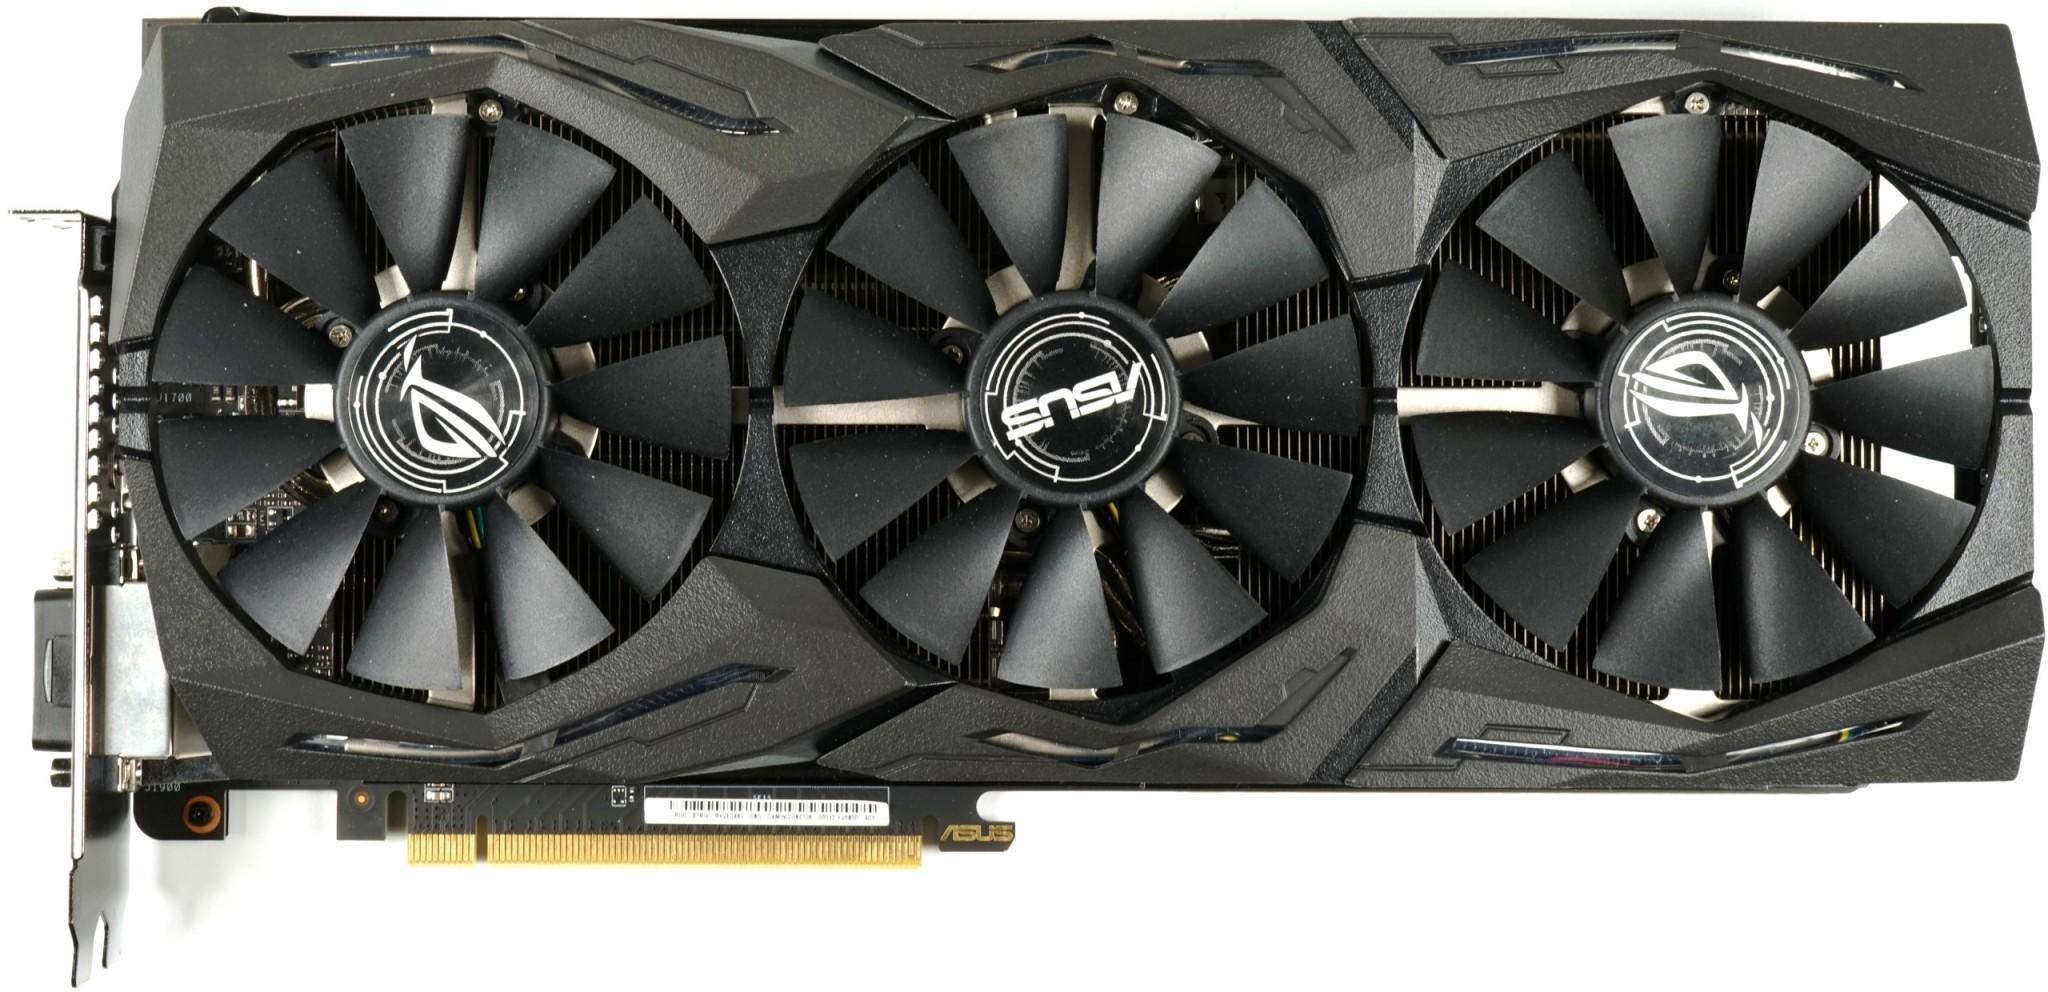 Asus ROG Strix Radeon RX Vega 64 8GB OC Edition